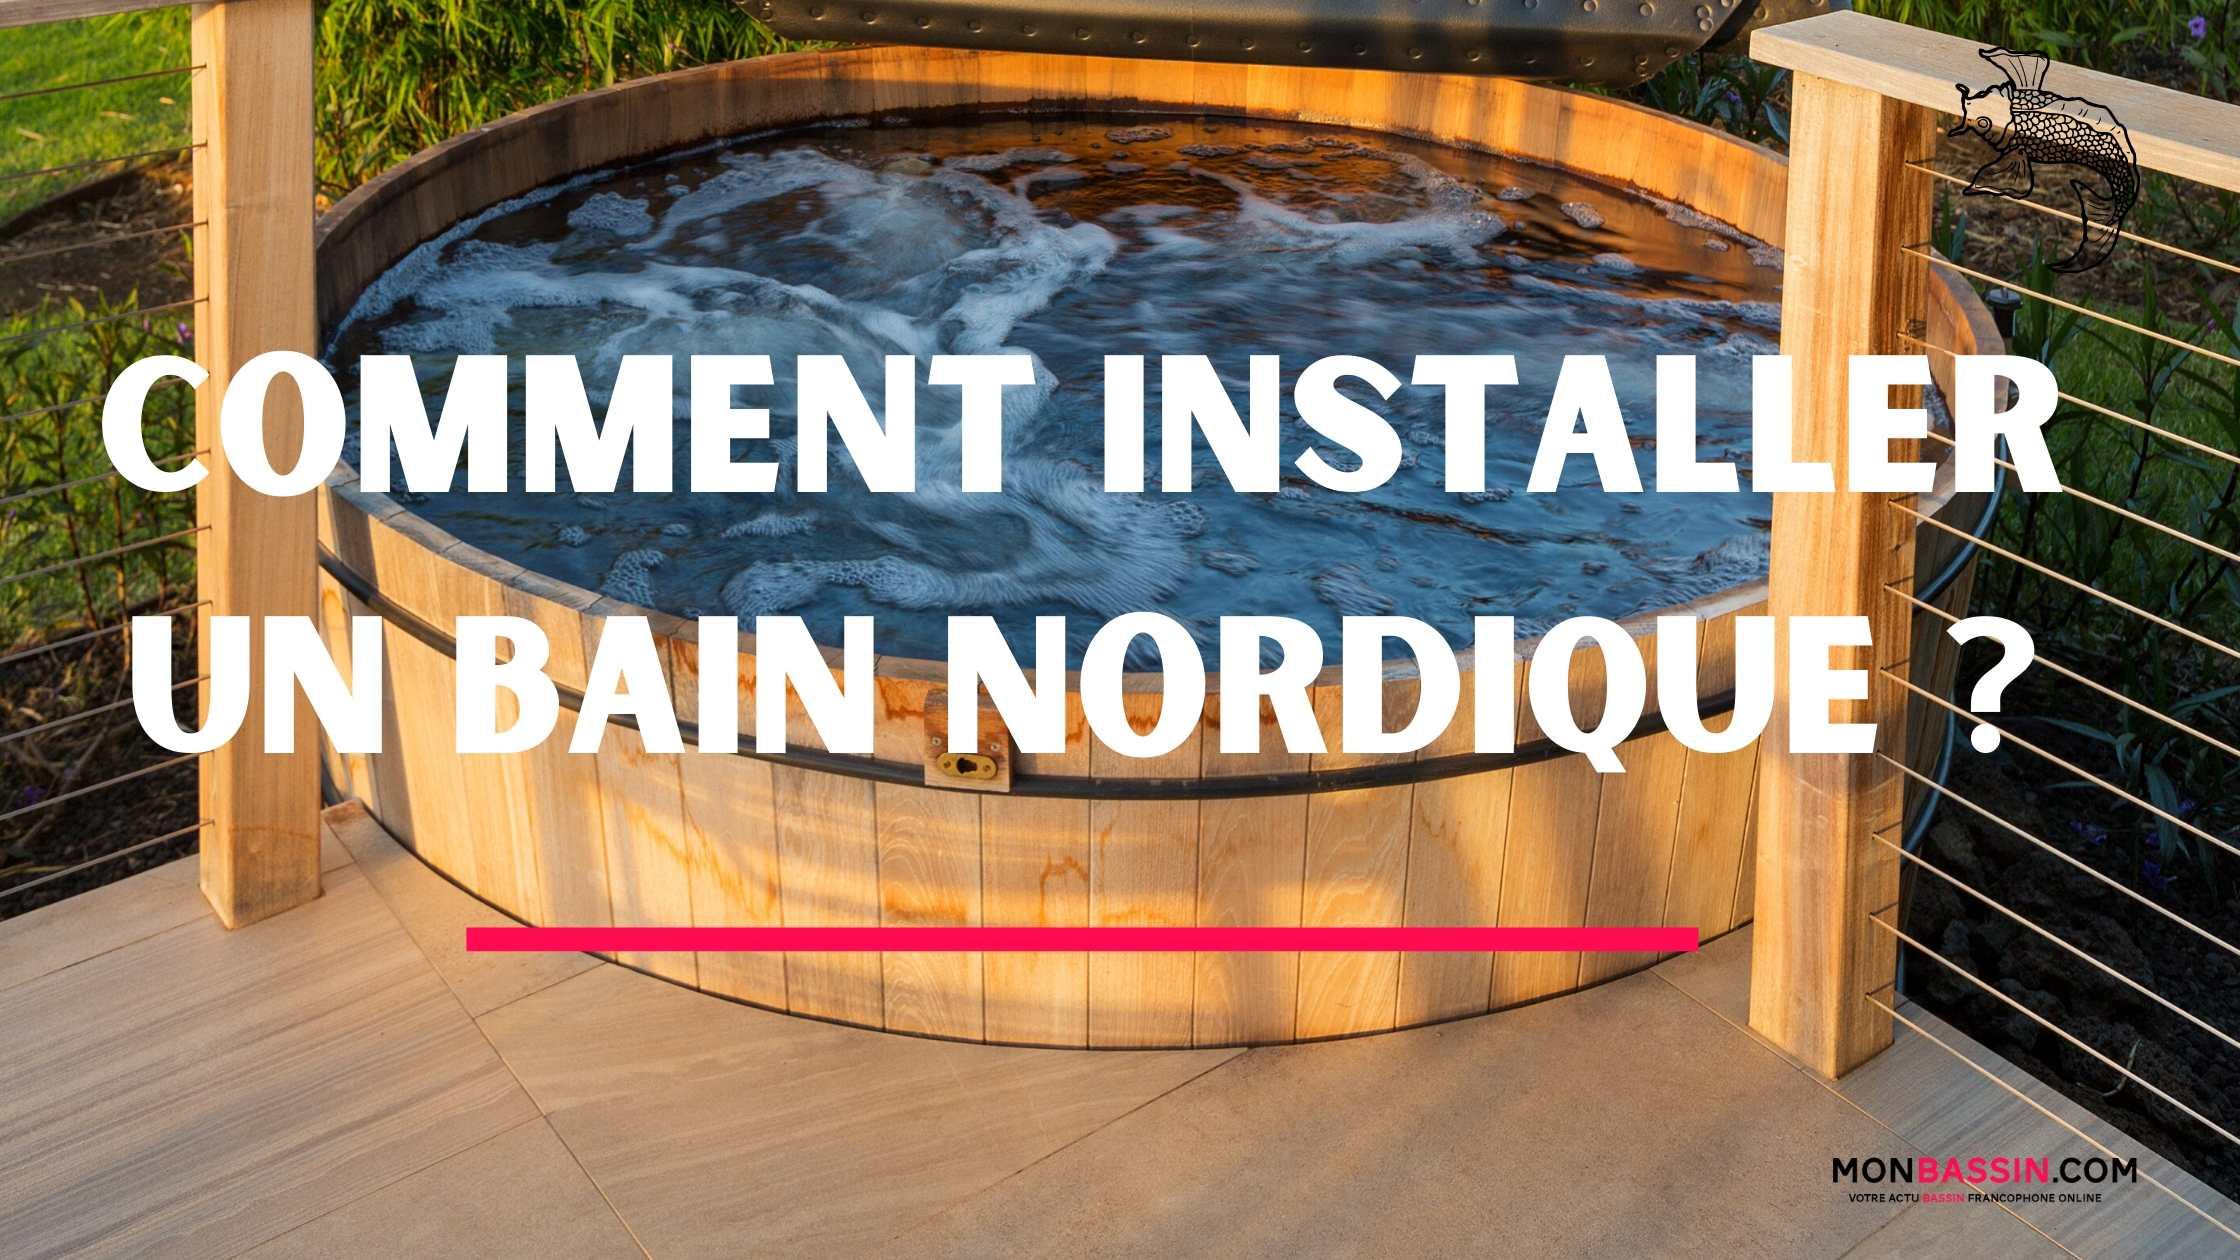 Comment installer un bain nordique dans son jardin?